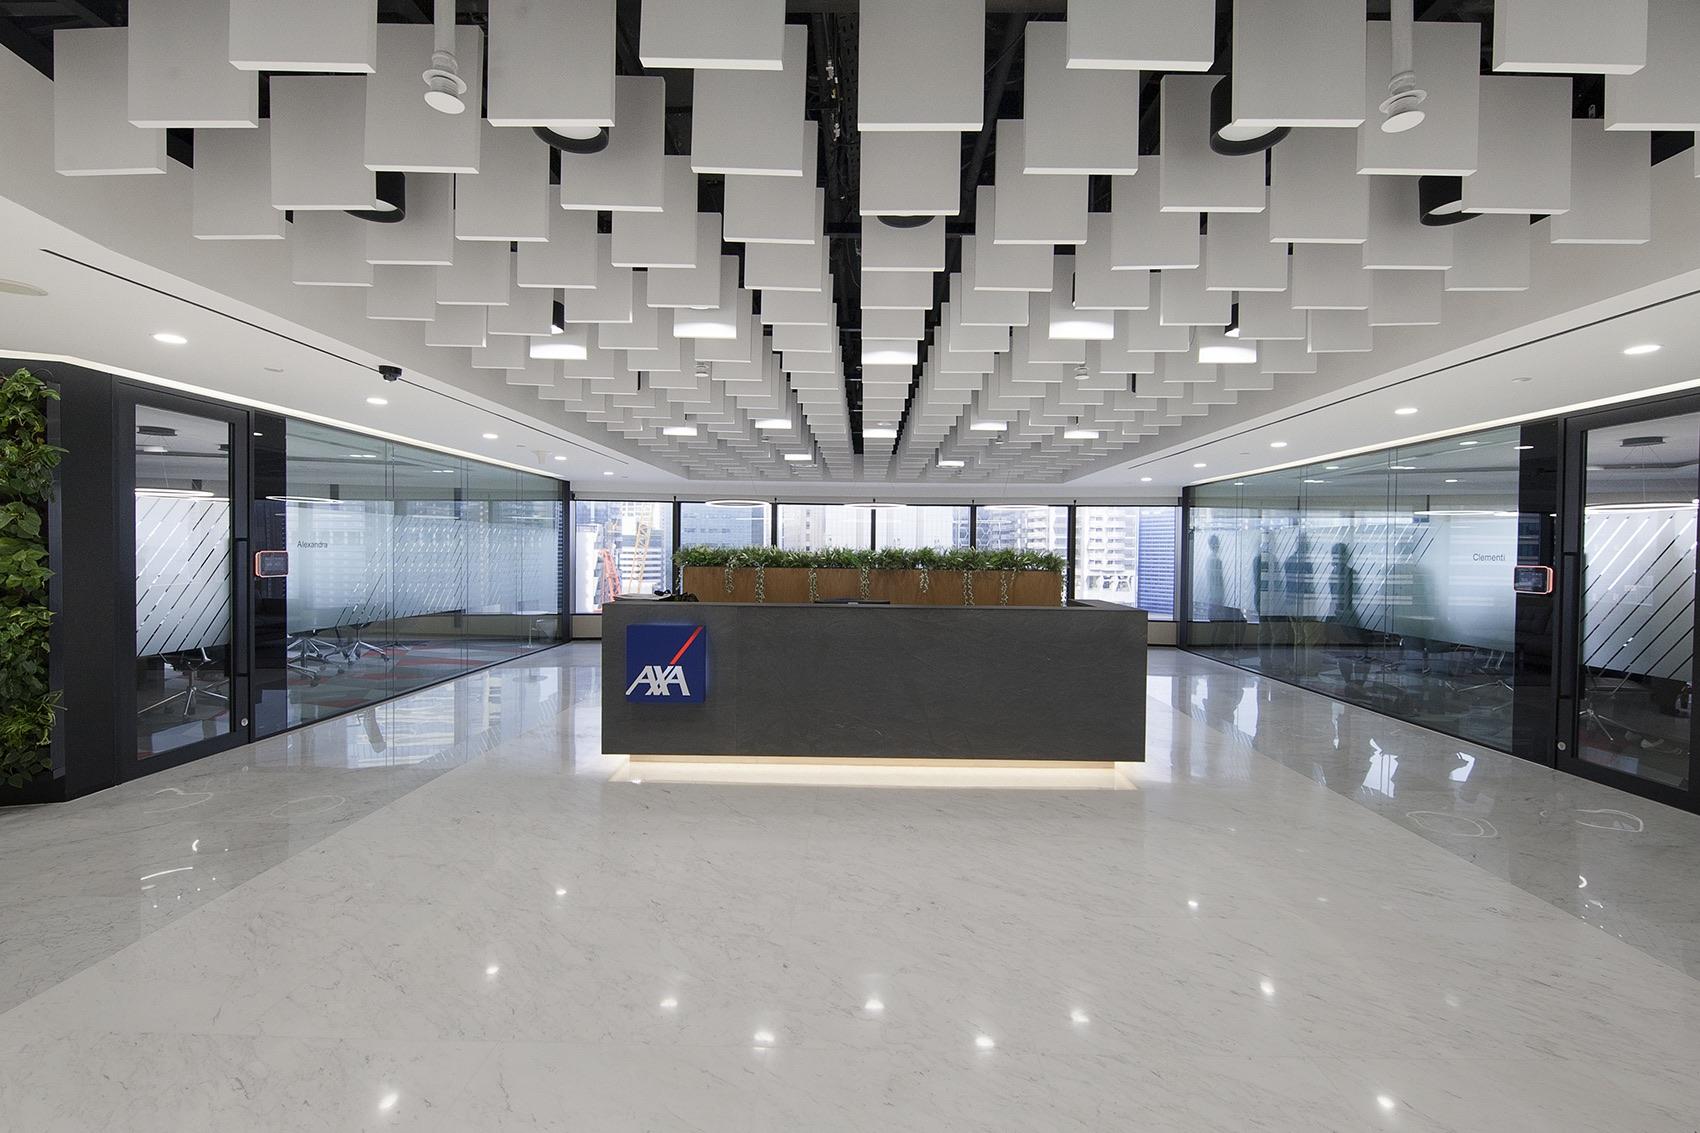 axa-singapore-office-20